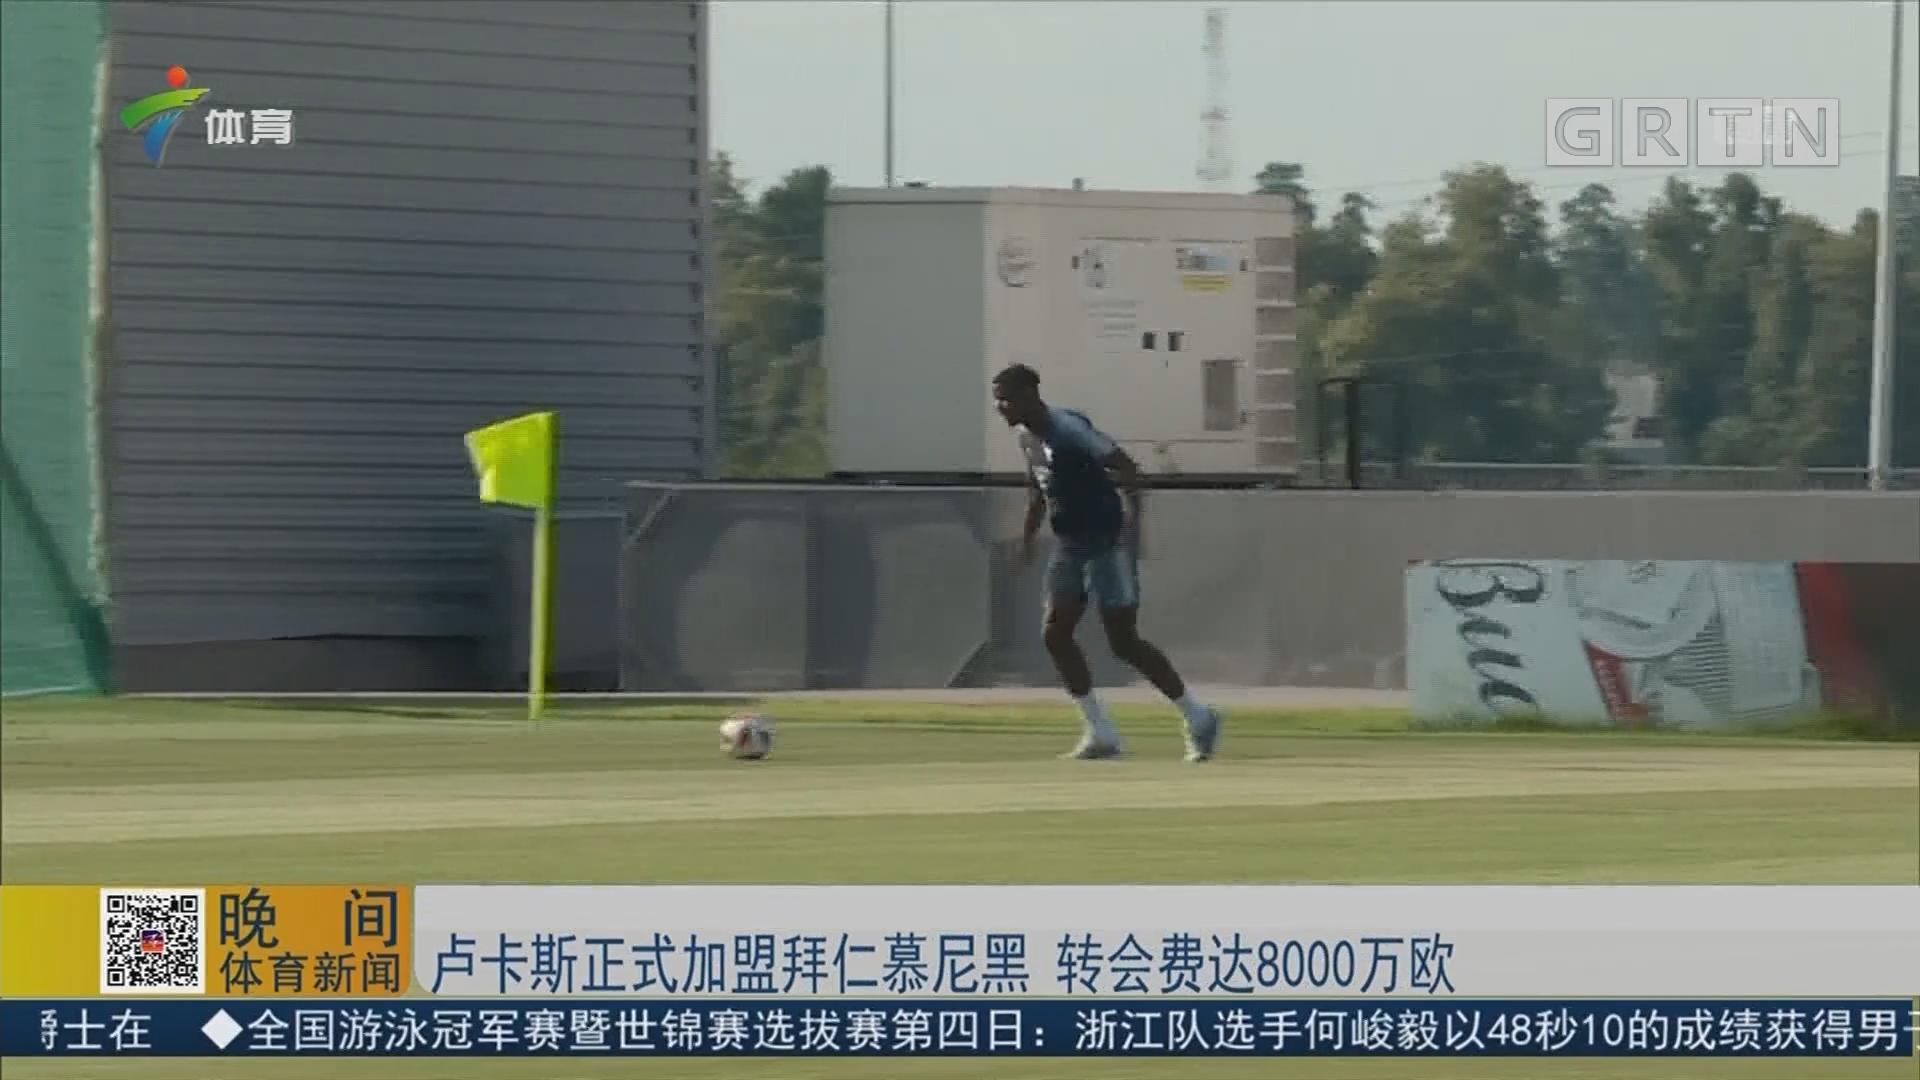 卢卡斯正式加盟拜仁慕尼黑 转会费达8000万欧